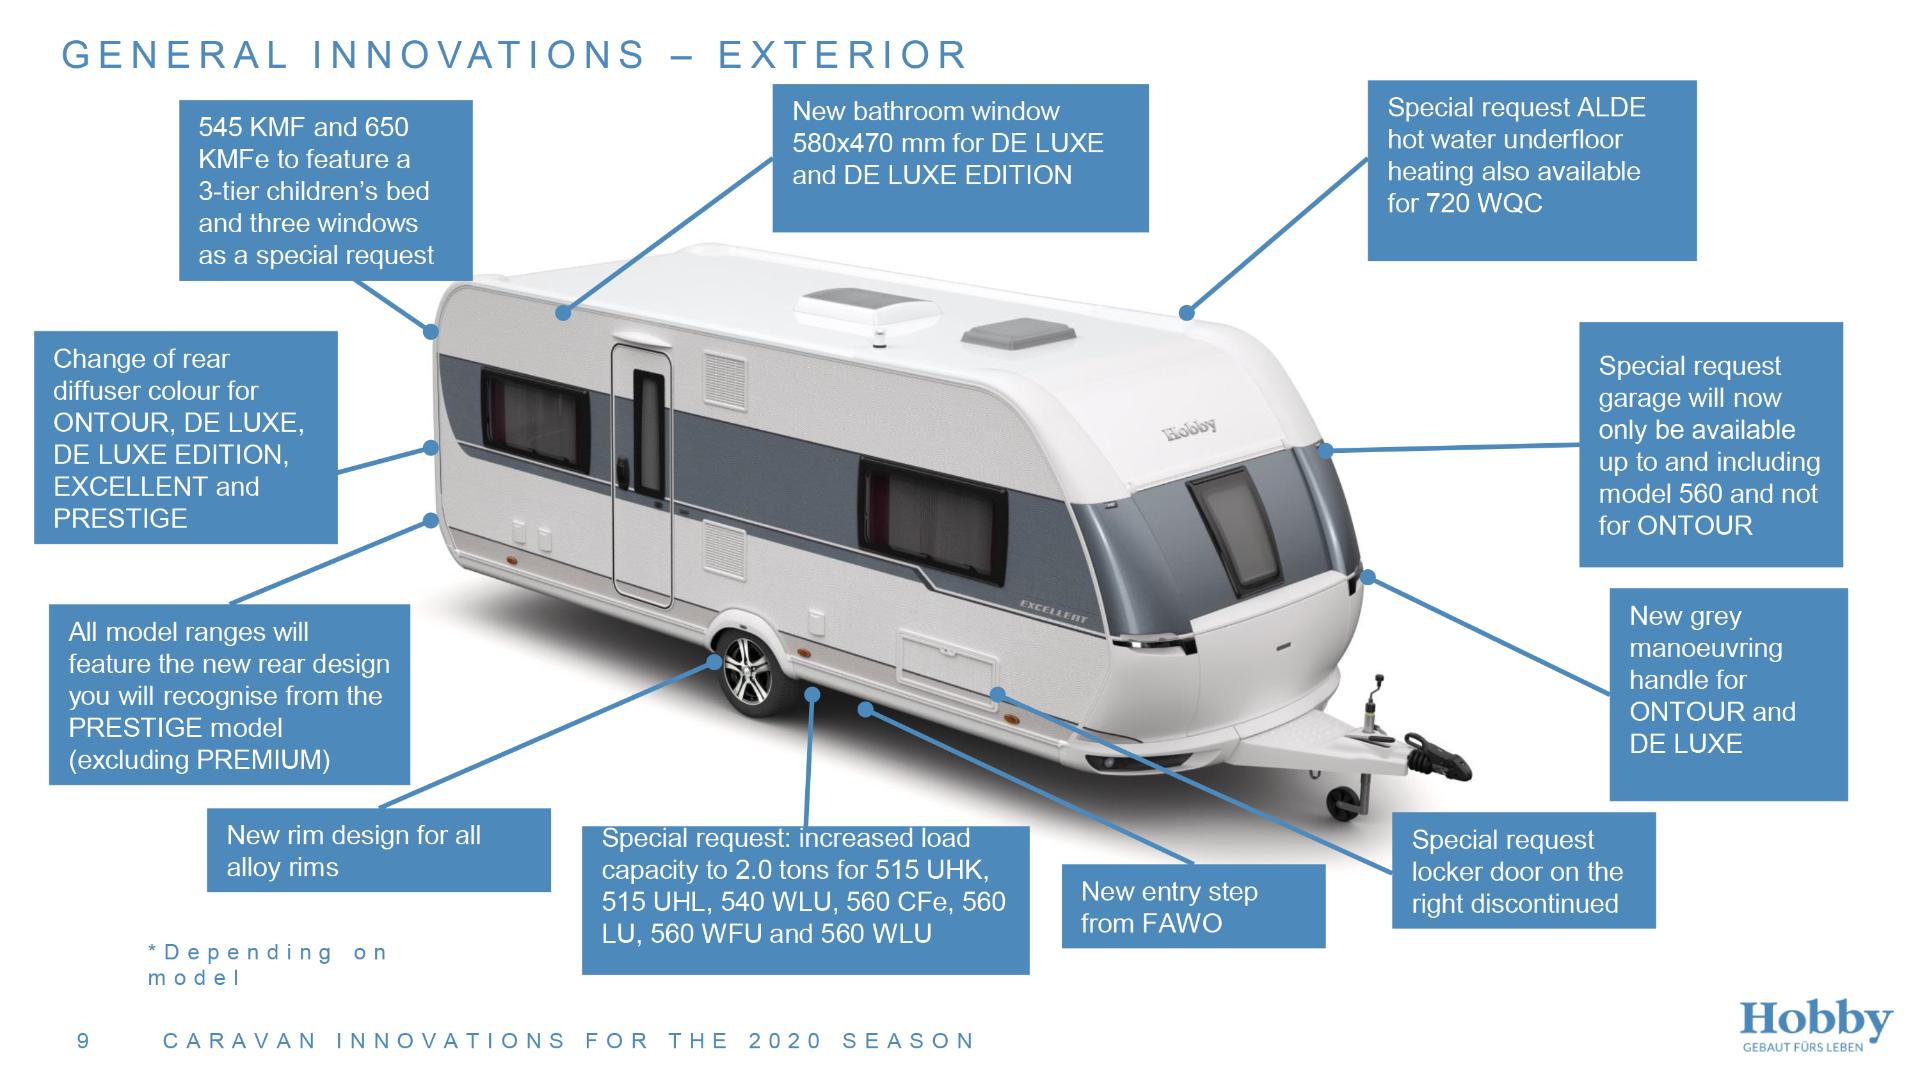 General innovations exterior